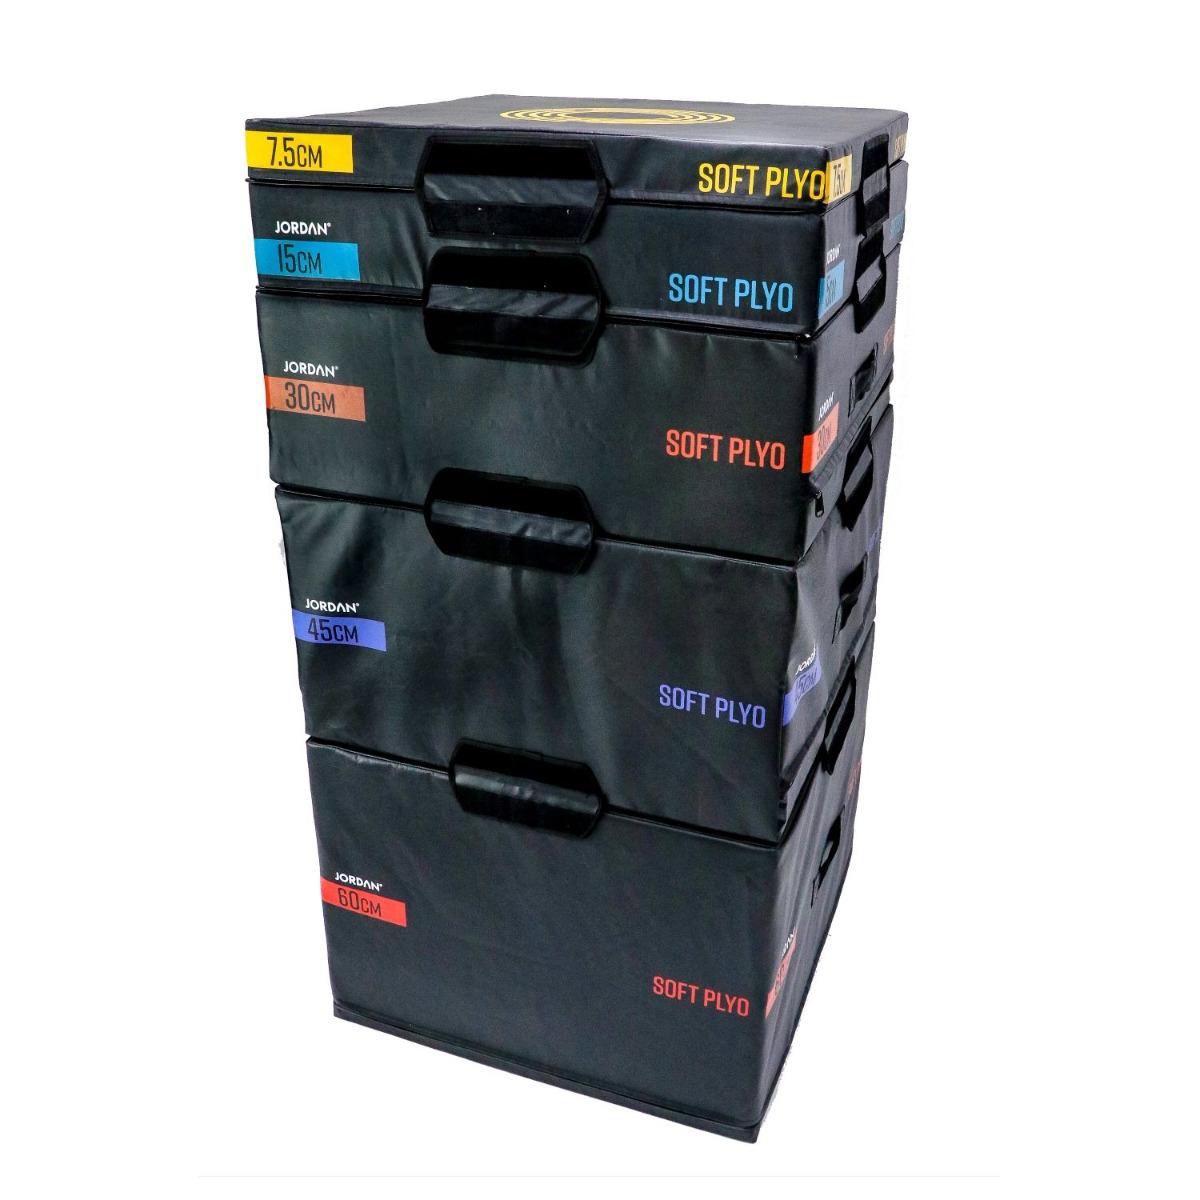 Soft Plyometric Box Set of 5